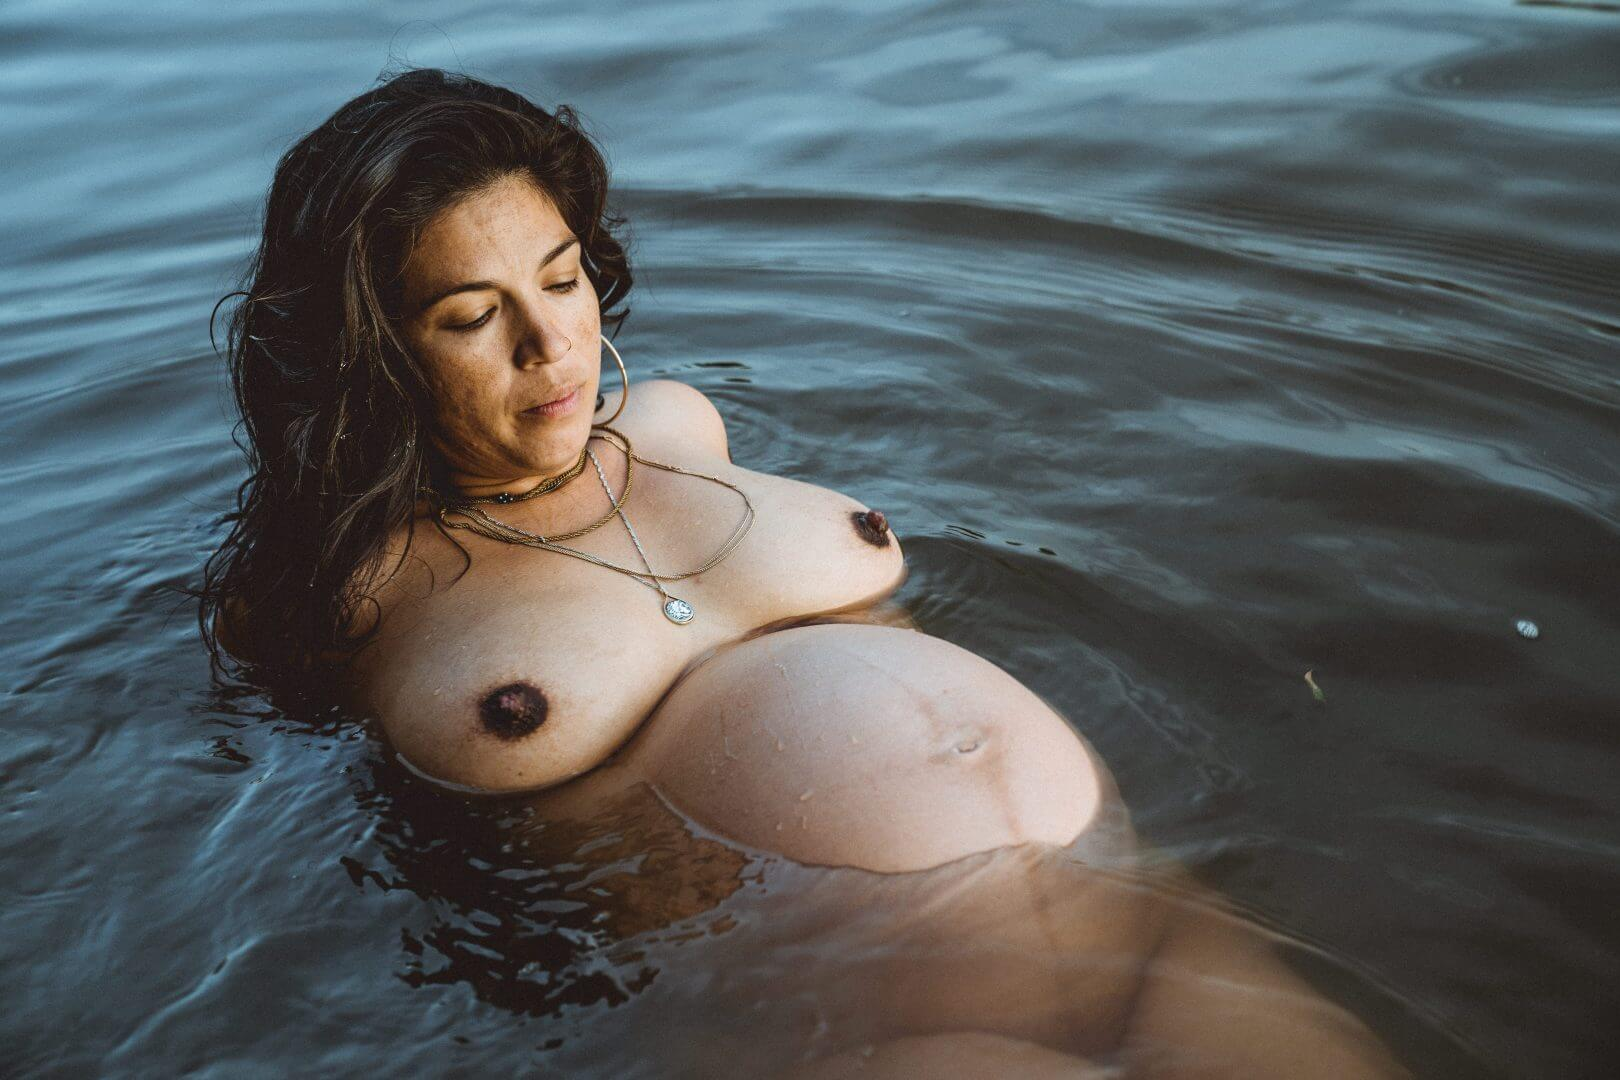 Schwangere schwebt im Wasser